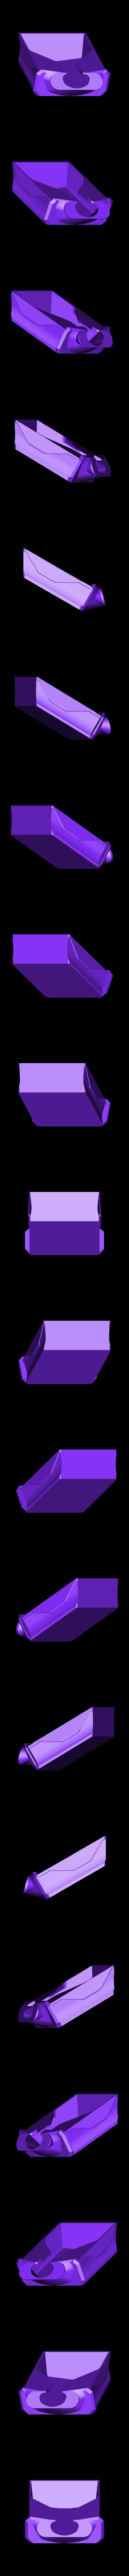 tiroir v3.STL Download free STL file Drawer for Peugeot coffee grinder • 3D print model, Yvius